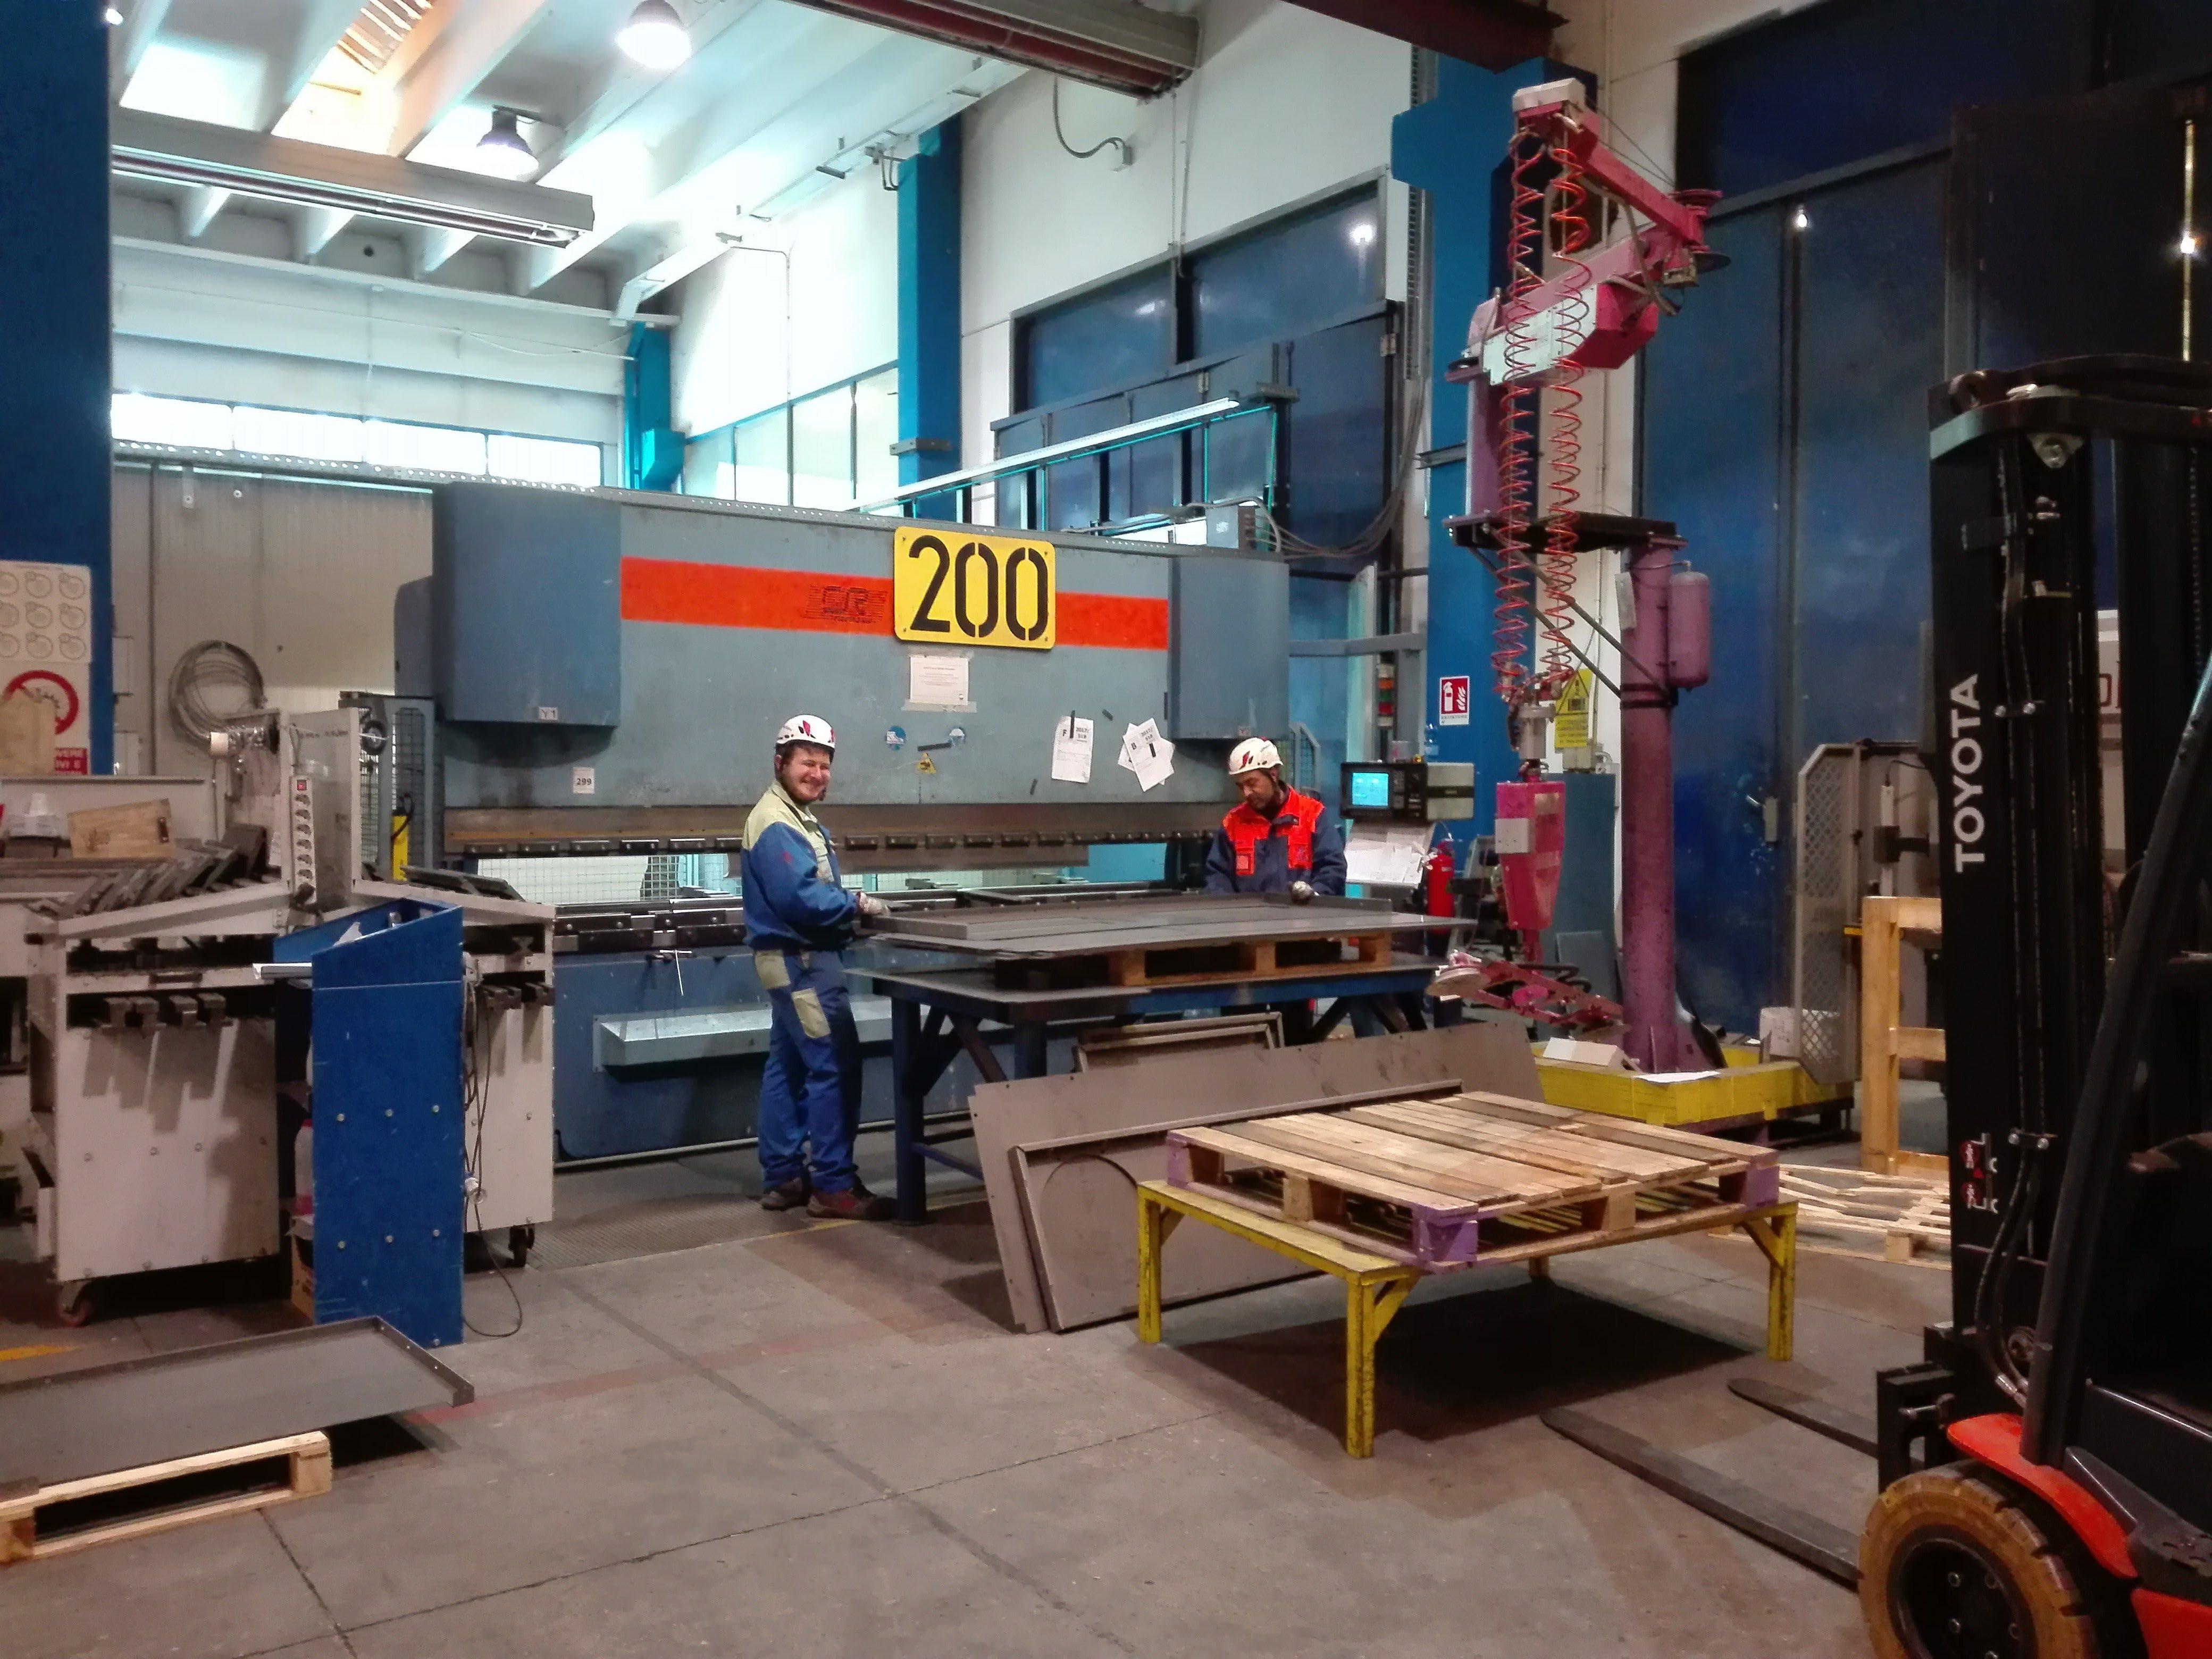 vista di una sala utensili sull'impianto con operai mentre lavorano